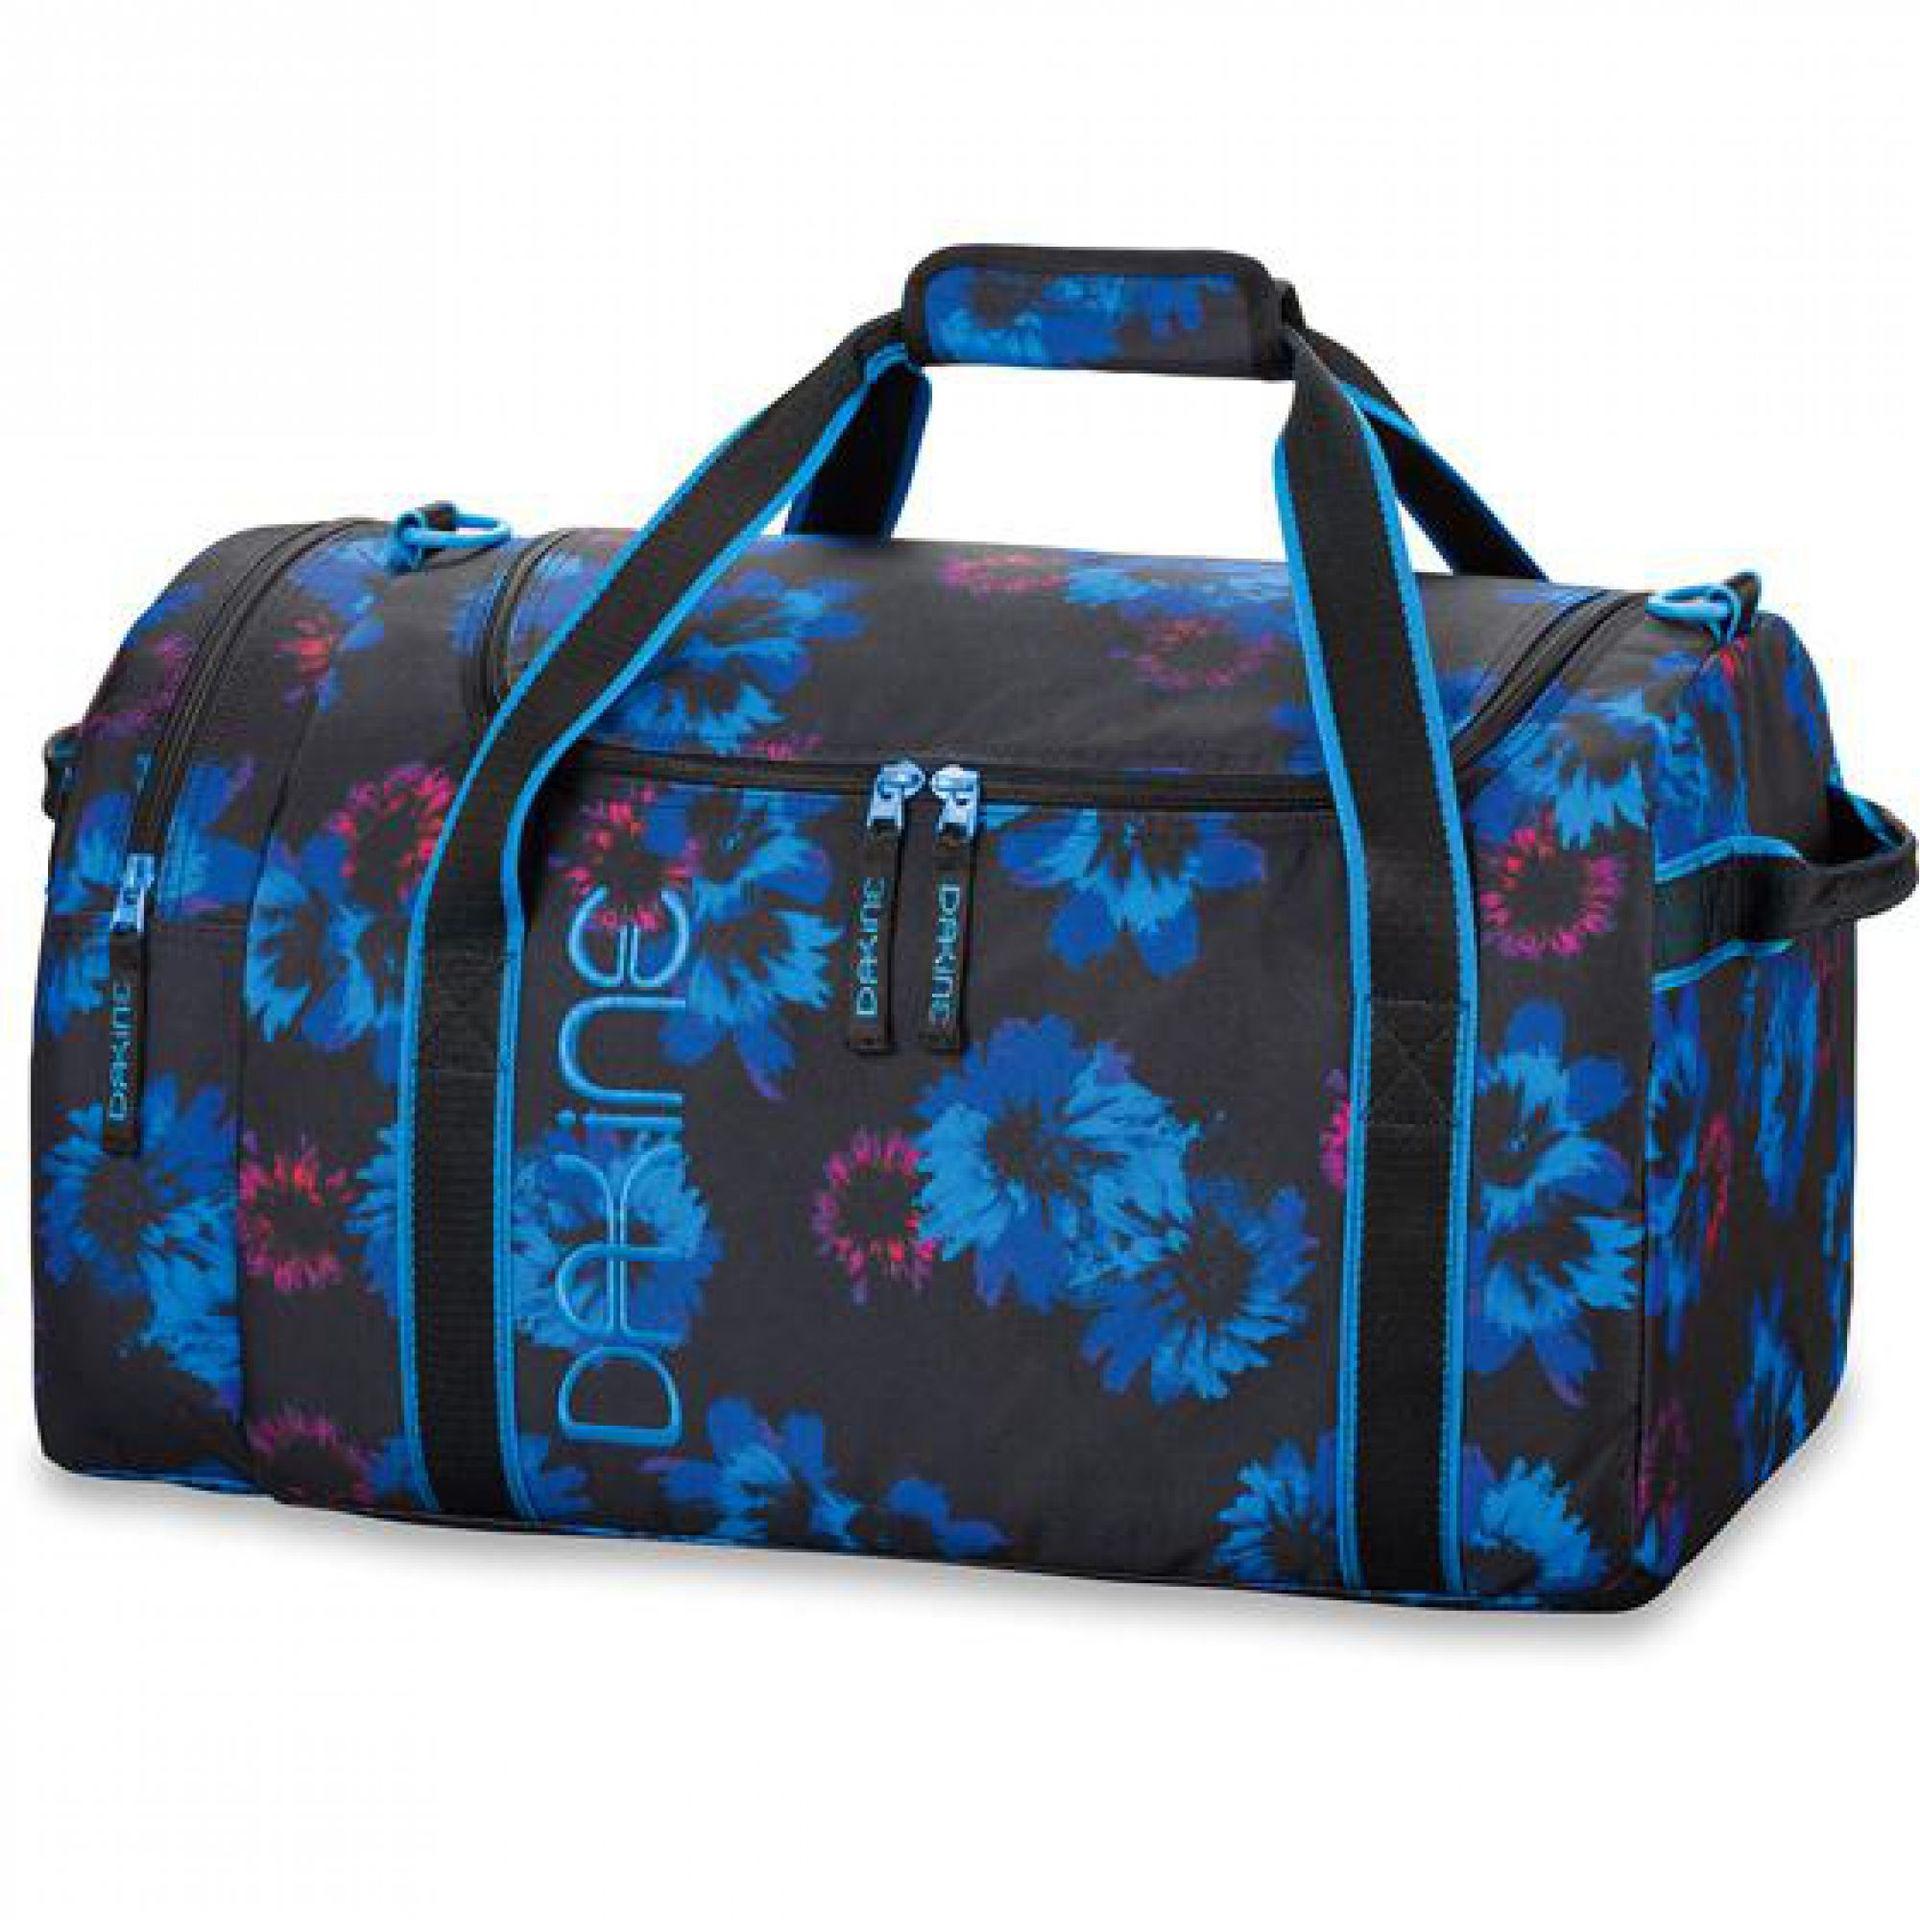 TORBA DAKINE EQ BAG 51L BLUE FLOWERS